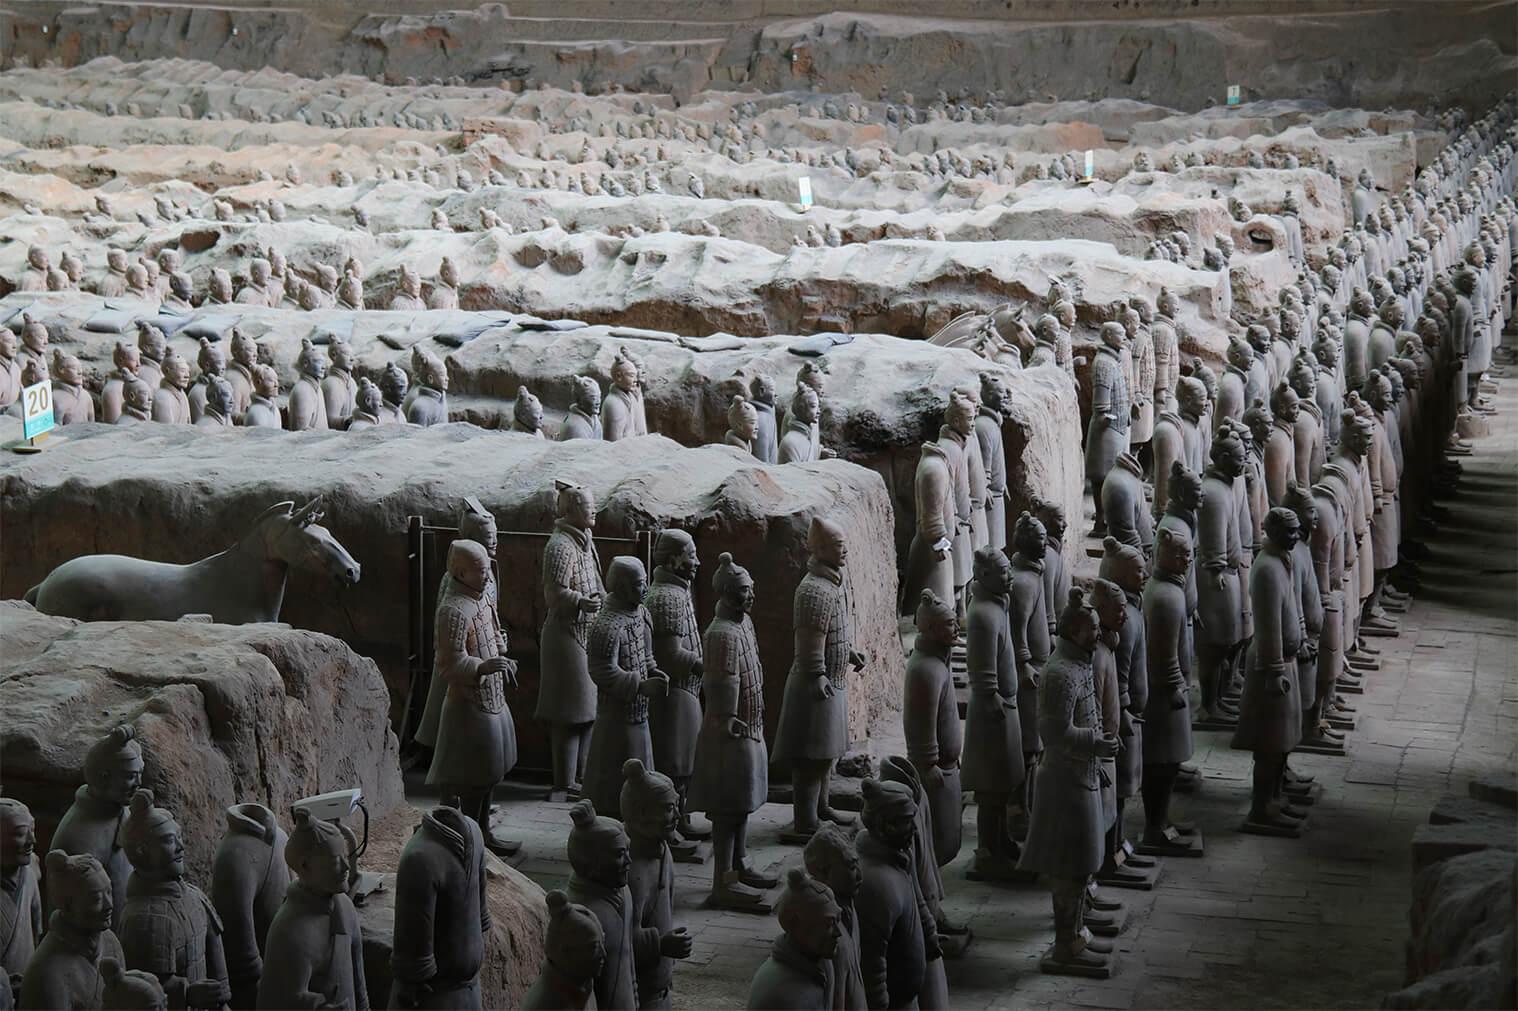 Terakotová armáda, Xian